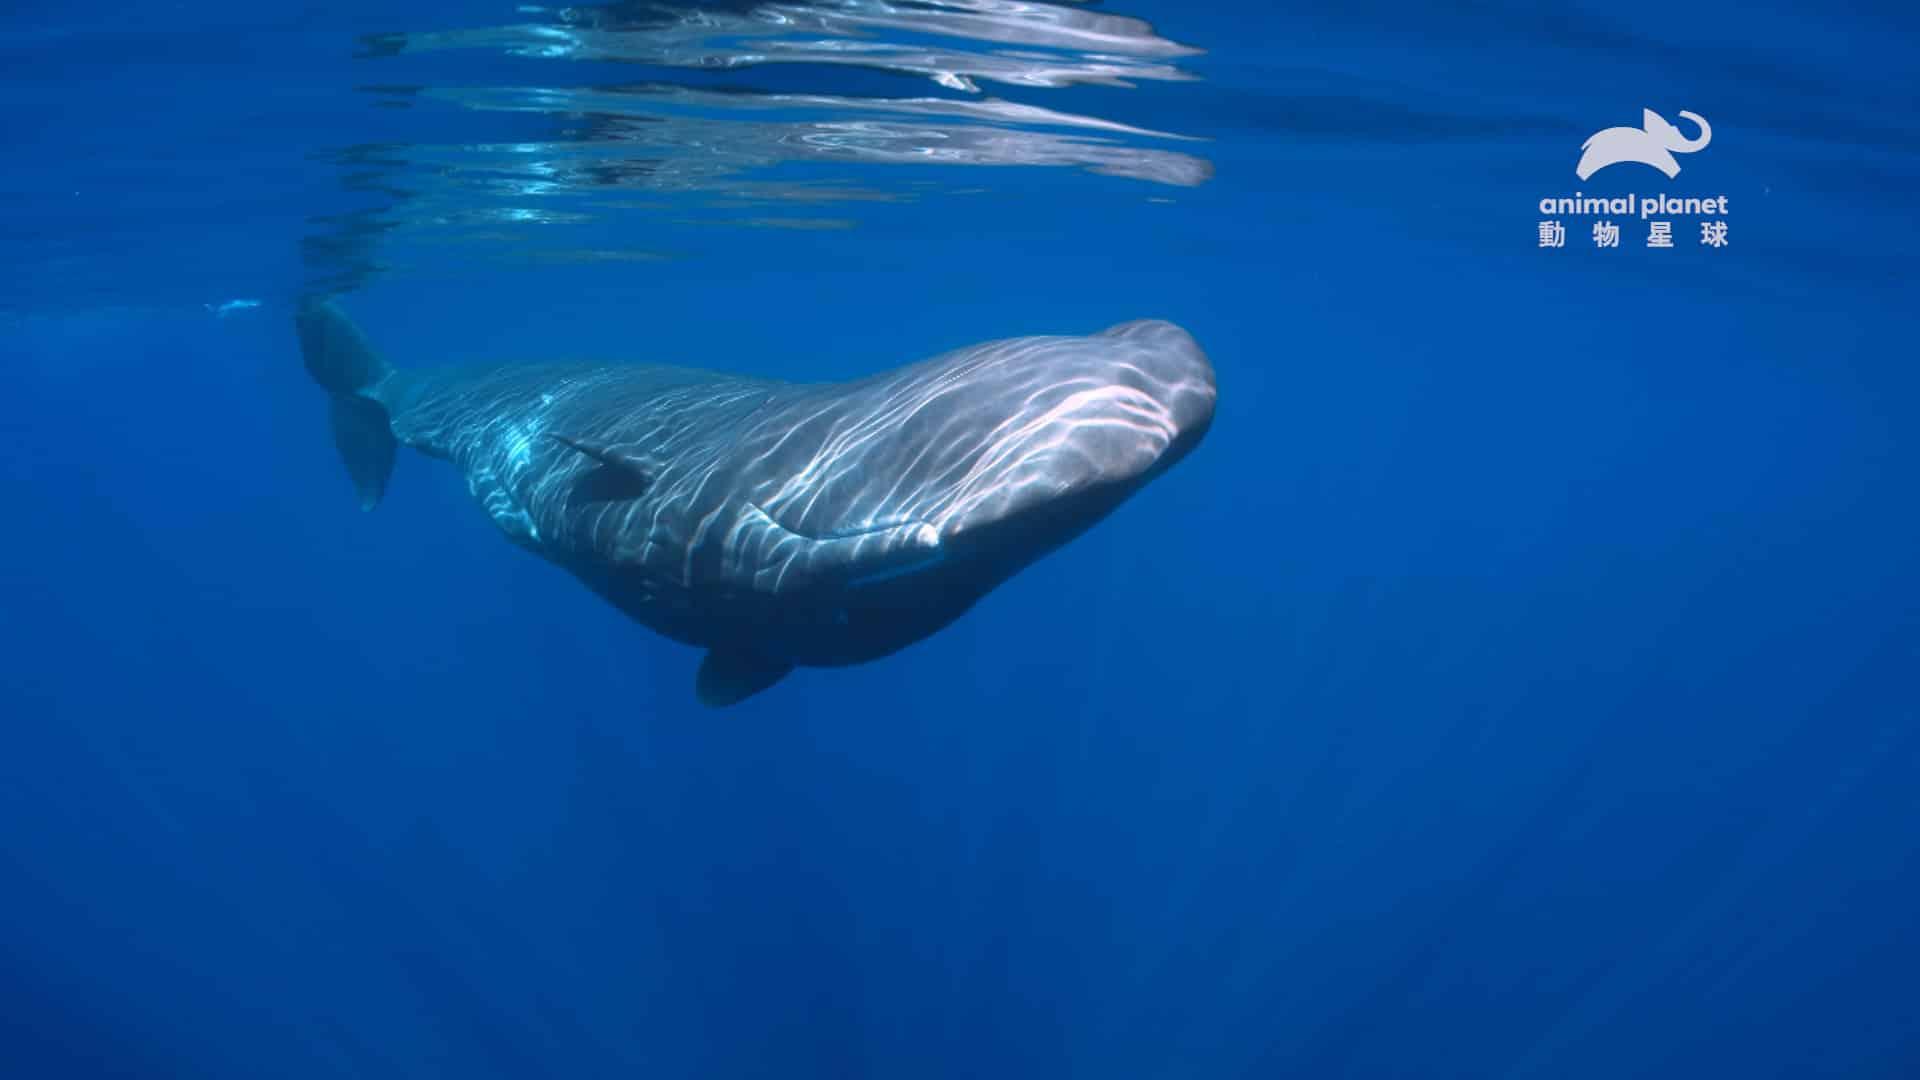 抹香鯨是世界上最大的齒鯨,牠一天只花 7_的時間在睡覺,睡眠時間比其他哺乳類都還要少。